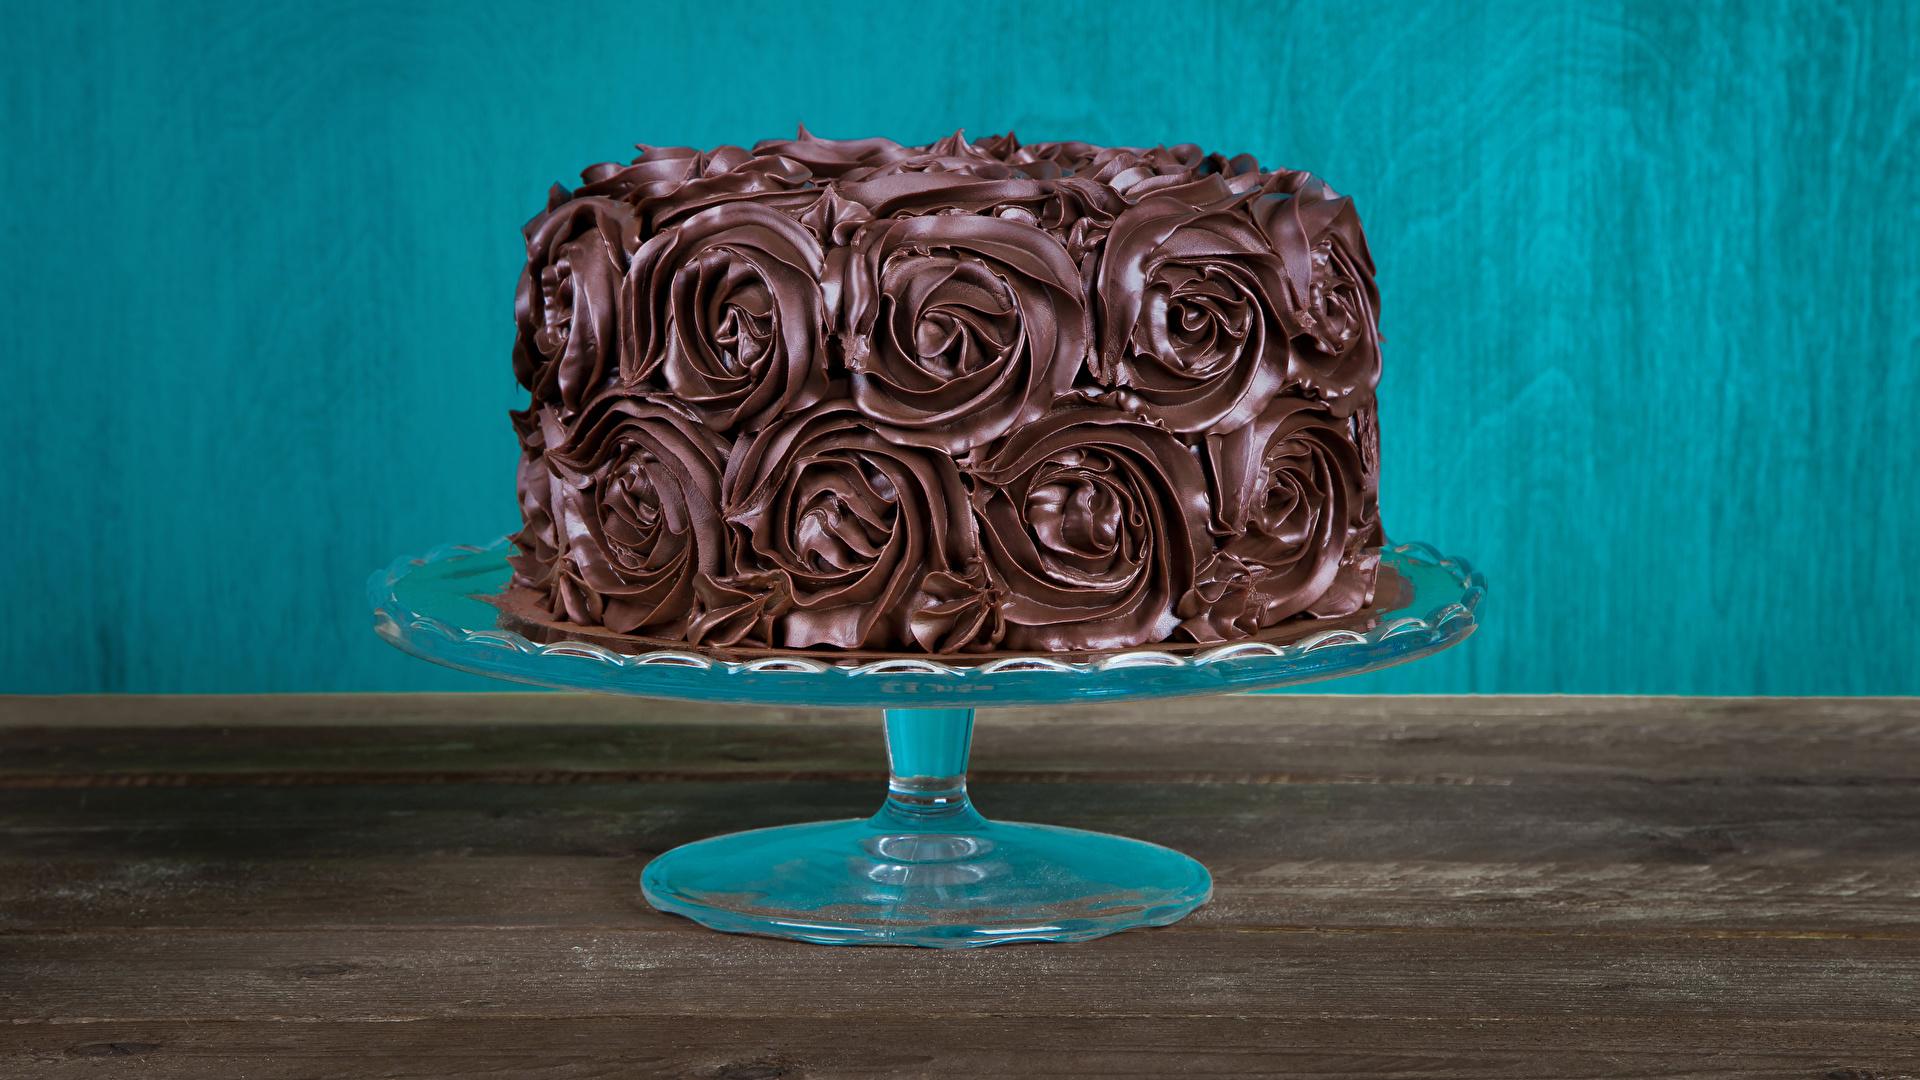 Картинка Шоколад Торты Еда Сладости Дизайн 1920x1080 Пища Продукты питания